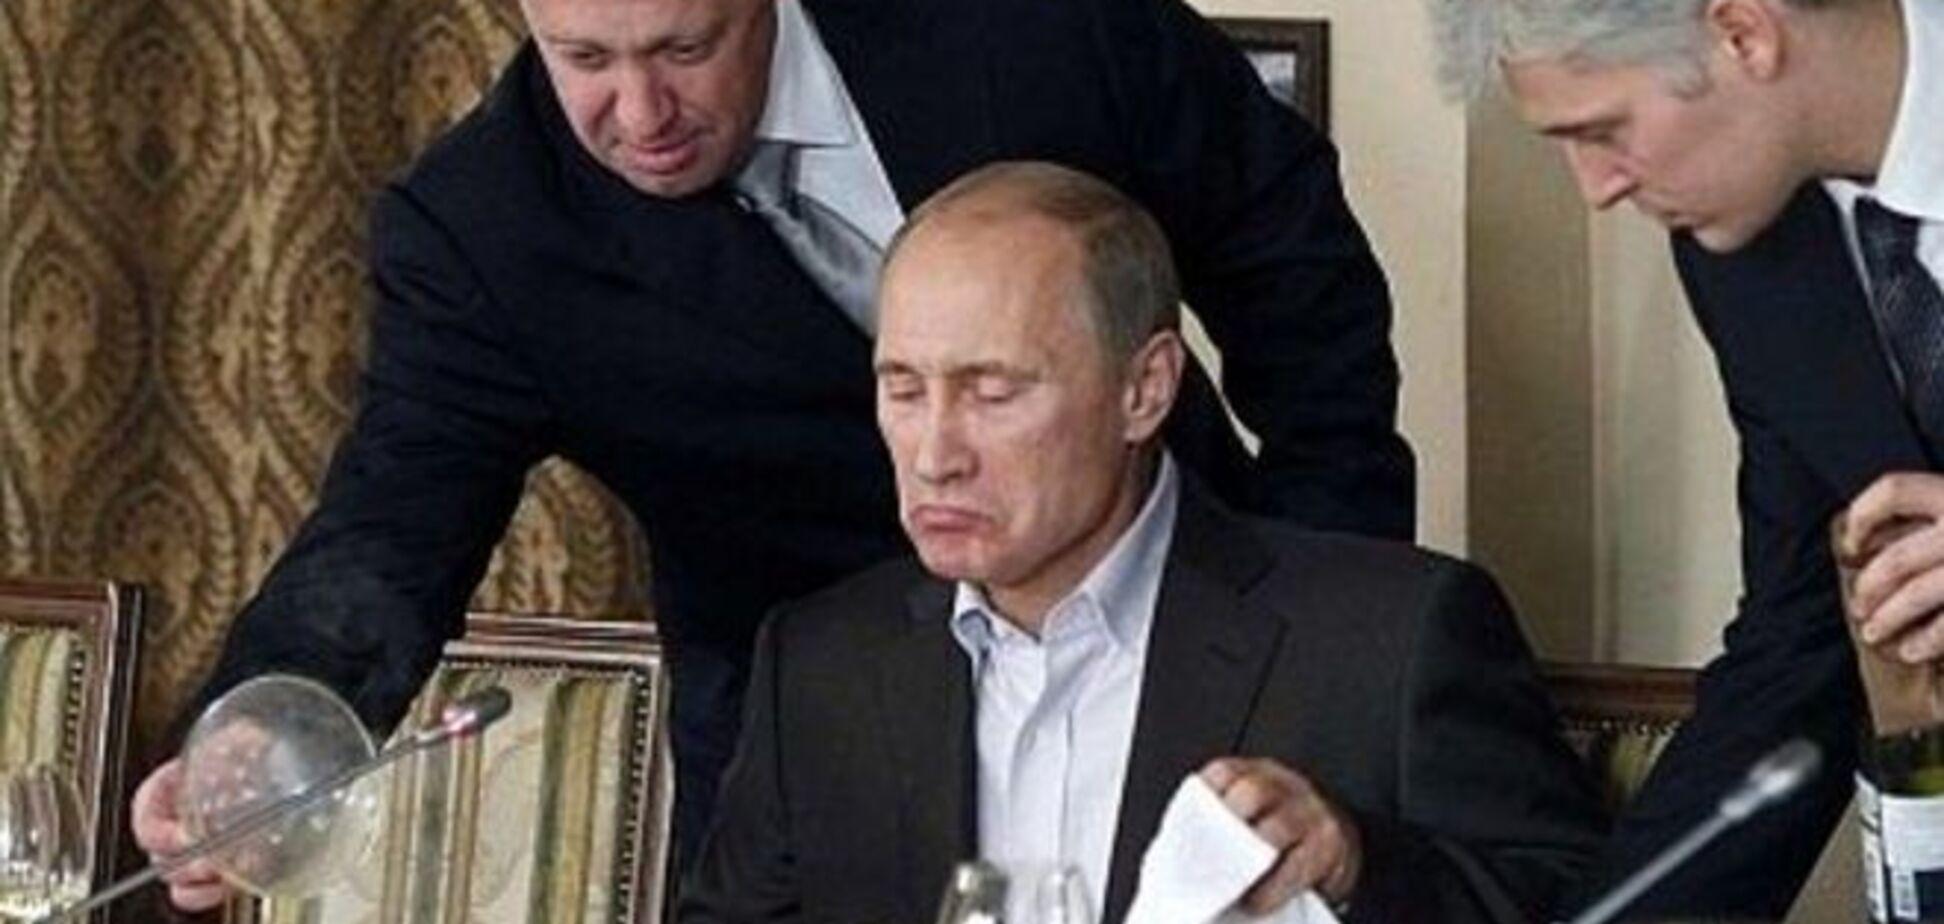 В советниках у Путина обнаружился владелец 'кремлевских троллей' - СМИ